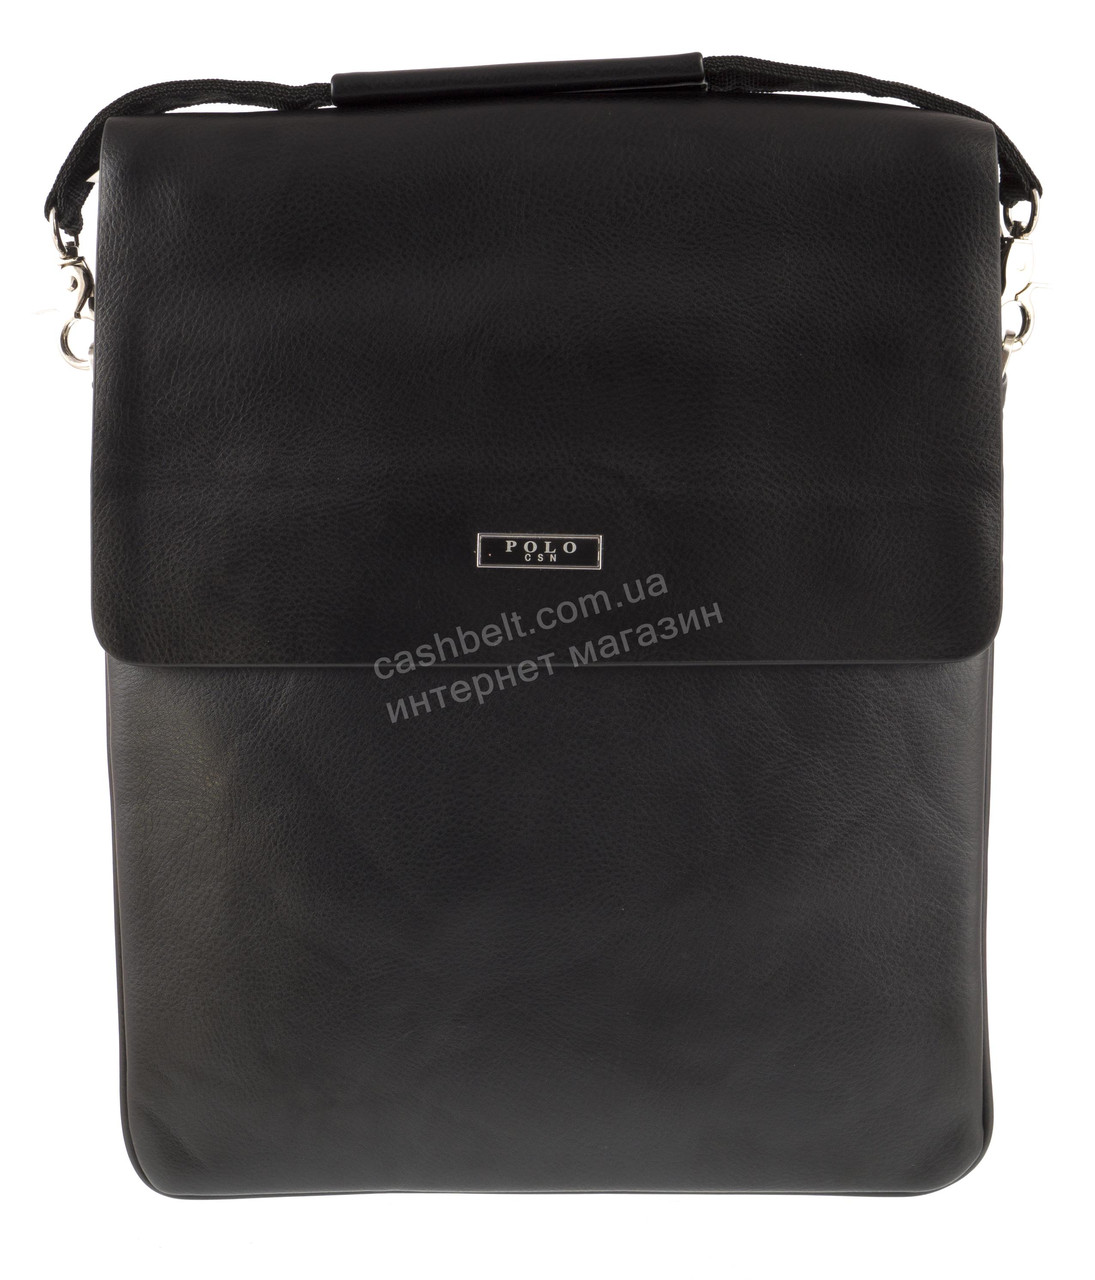 Вместительная черная мужская сумка с качественной кожи PU POLO art. 86686-5 черная